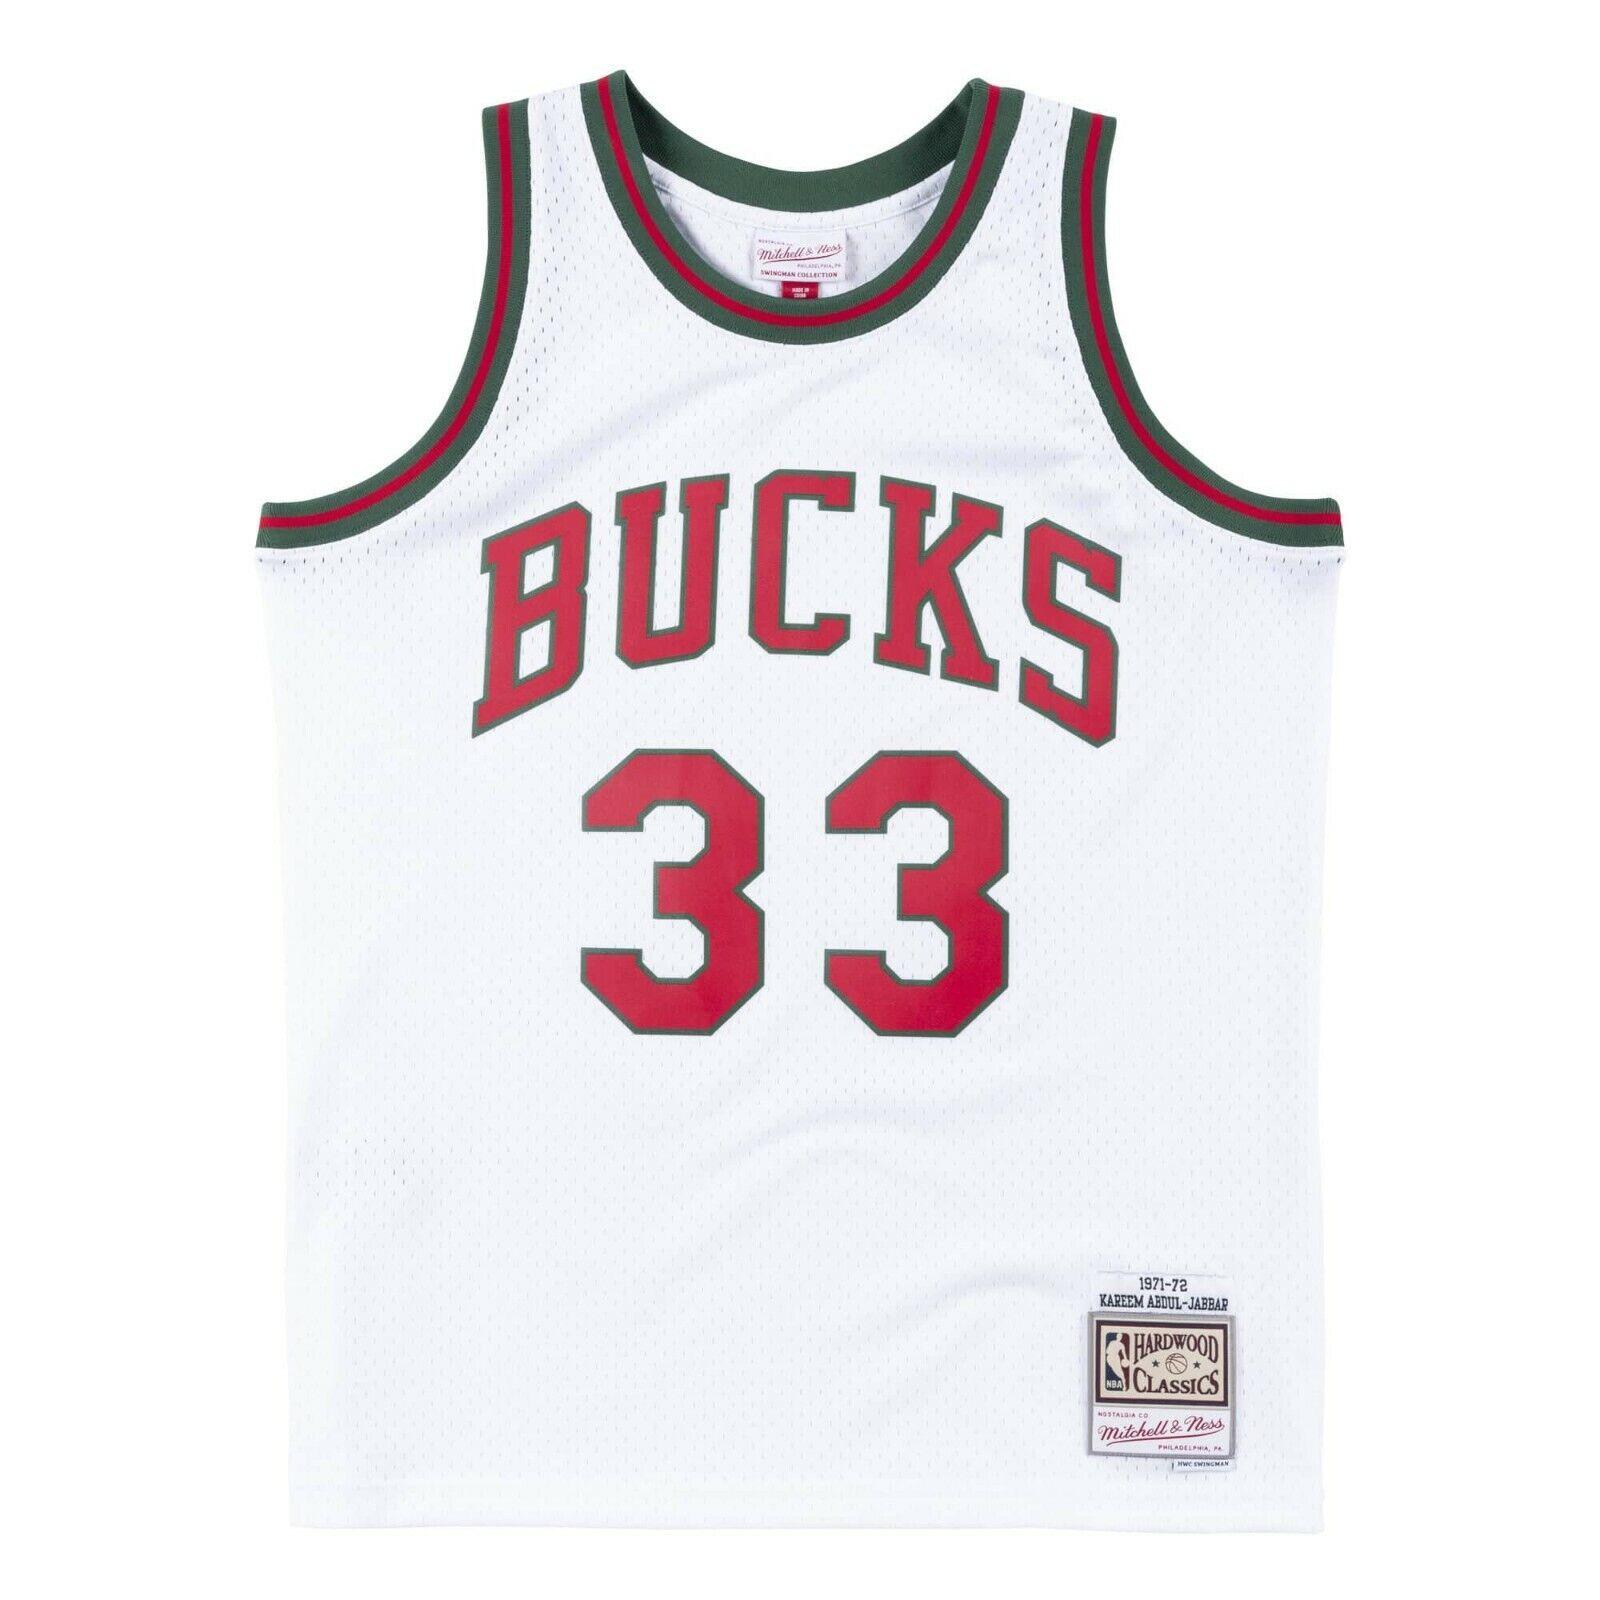 new arrivals 53fff c1e1a Details about Milwaukee Bucks #33 Abdul-Jabbar Mitchell Ness NBA Mesh White  1971-72 Jersey